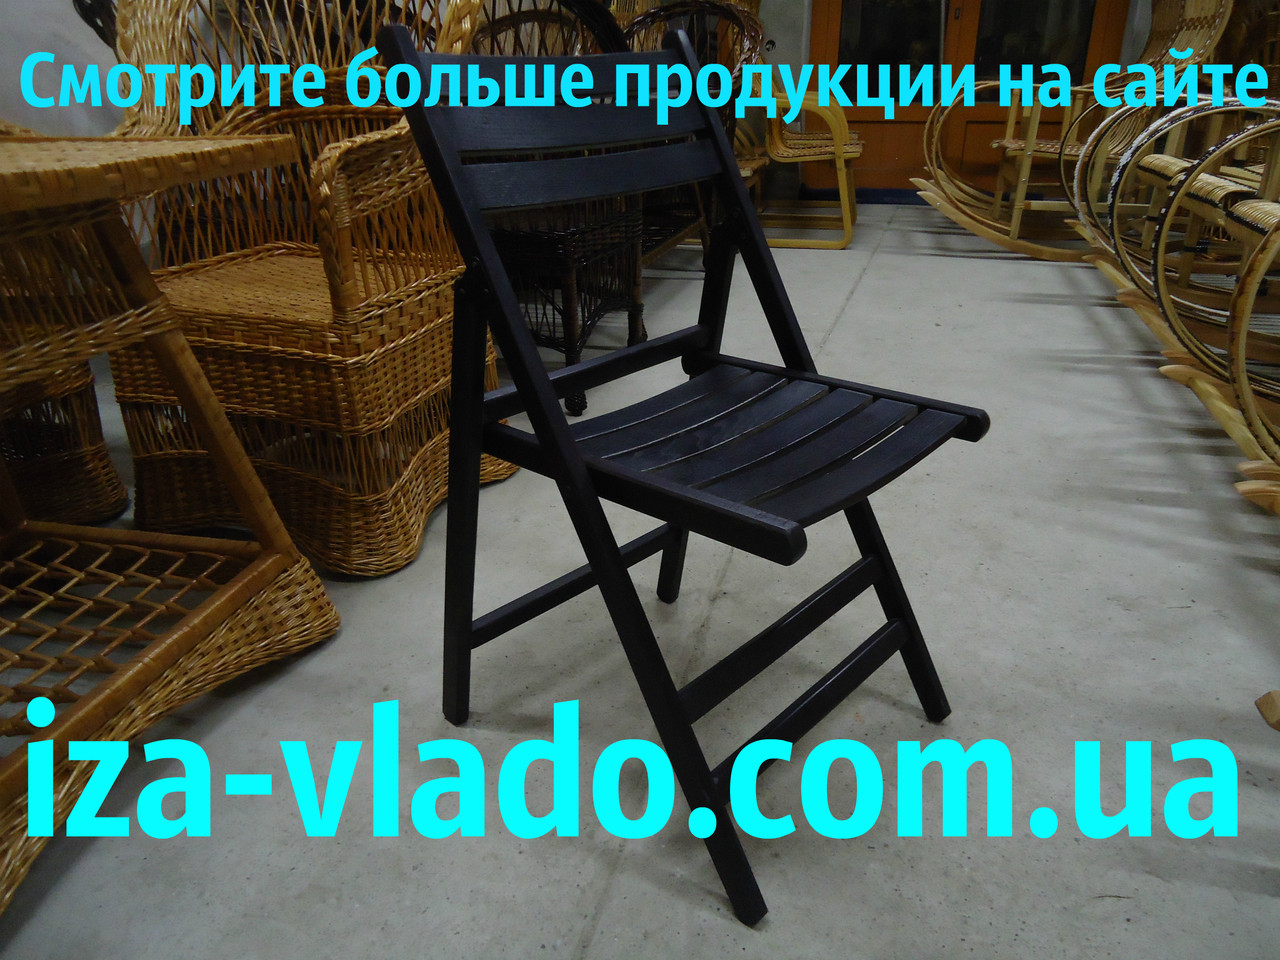 Стілець складаний для дачі та пікніка